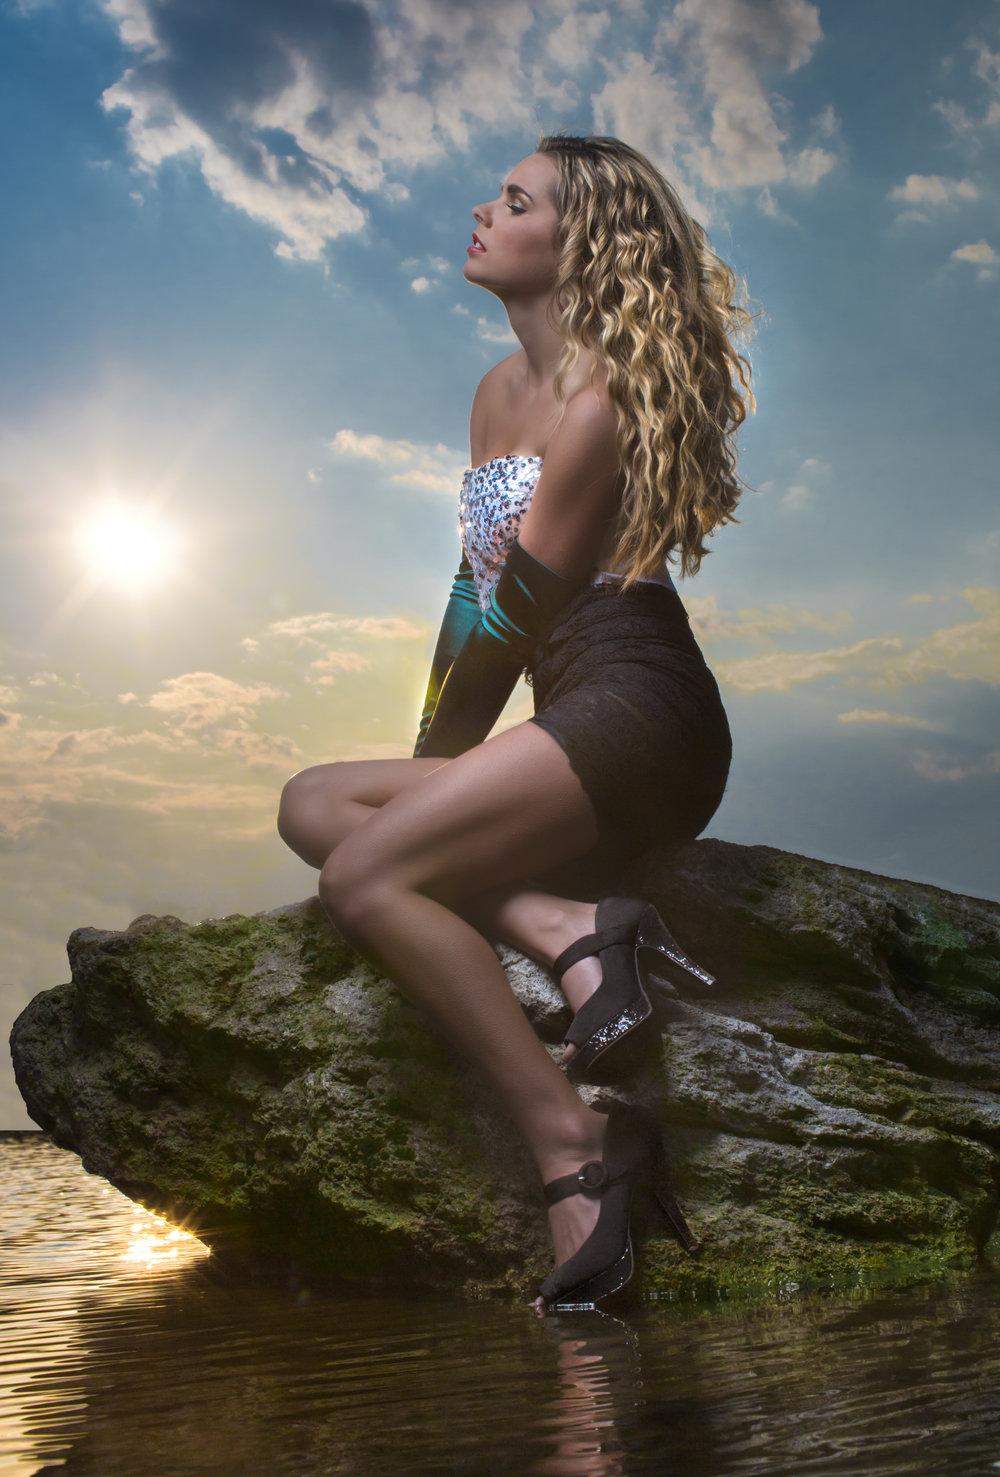 little-mermaid-fashion-high